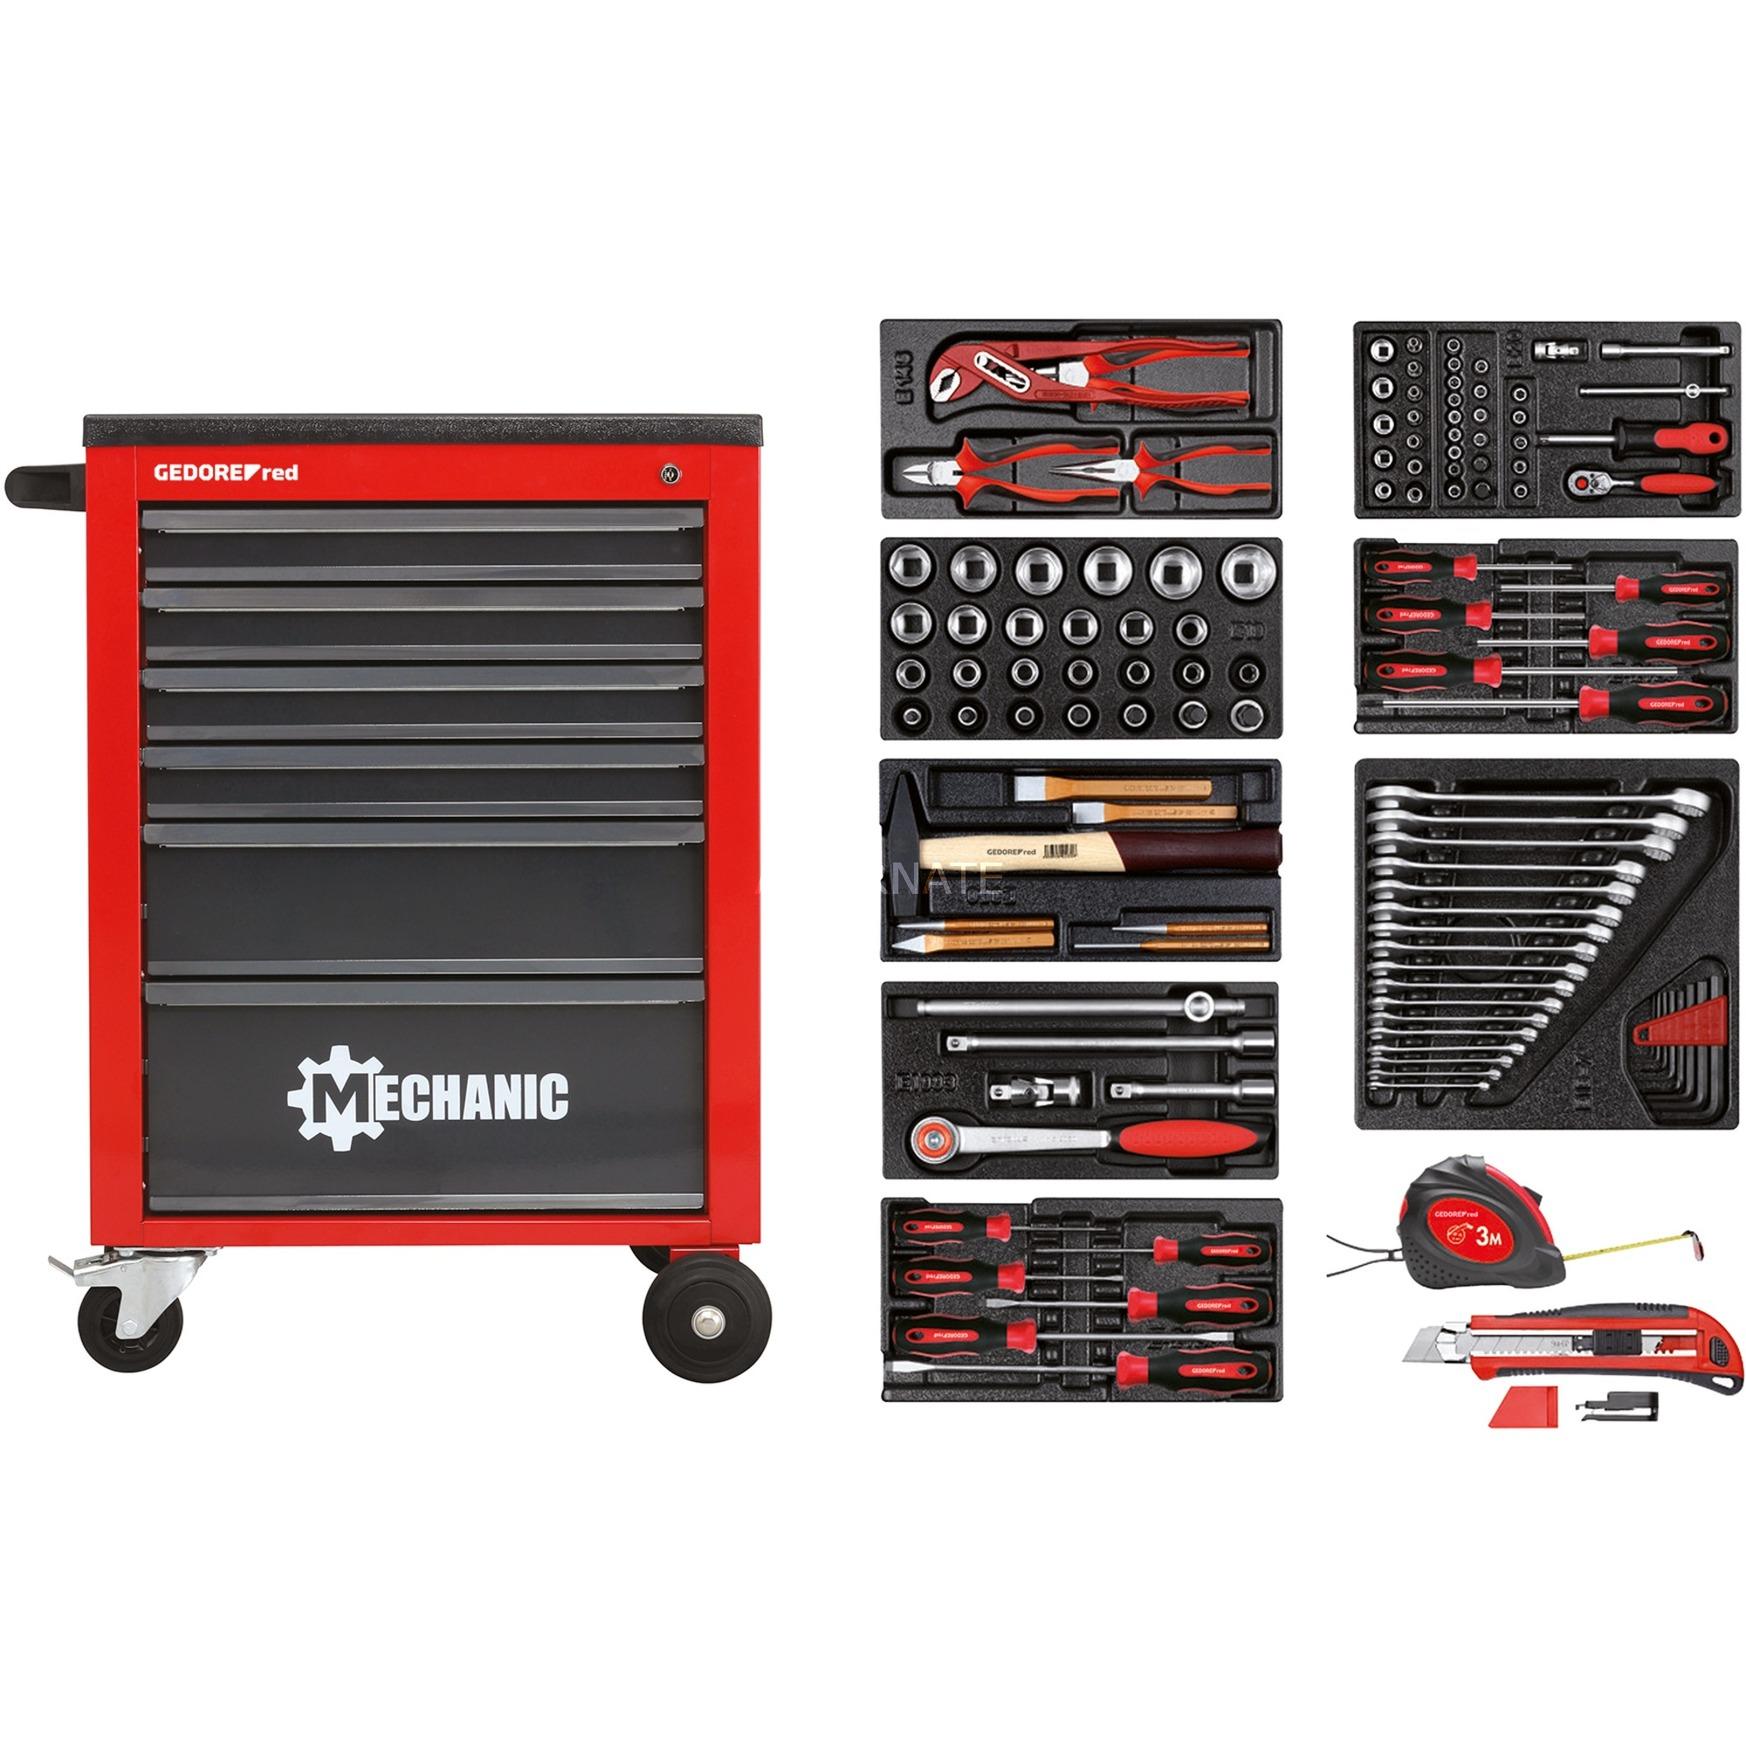 Gedore RED R21560001 119-delige Gereedschapswagen Mechanic